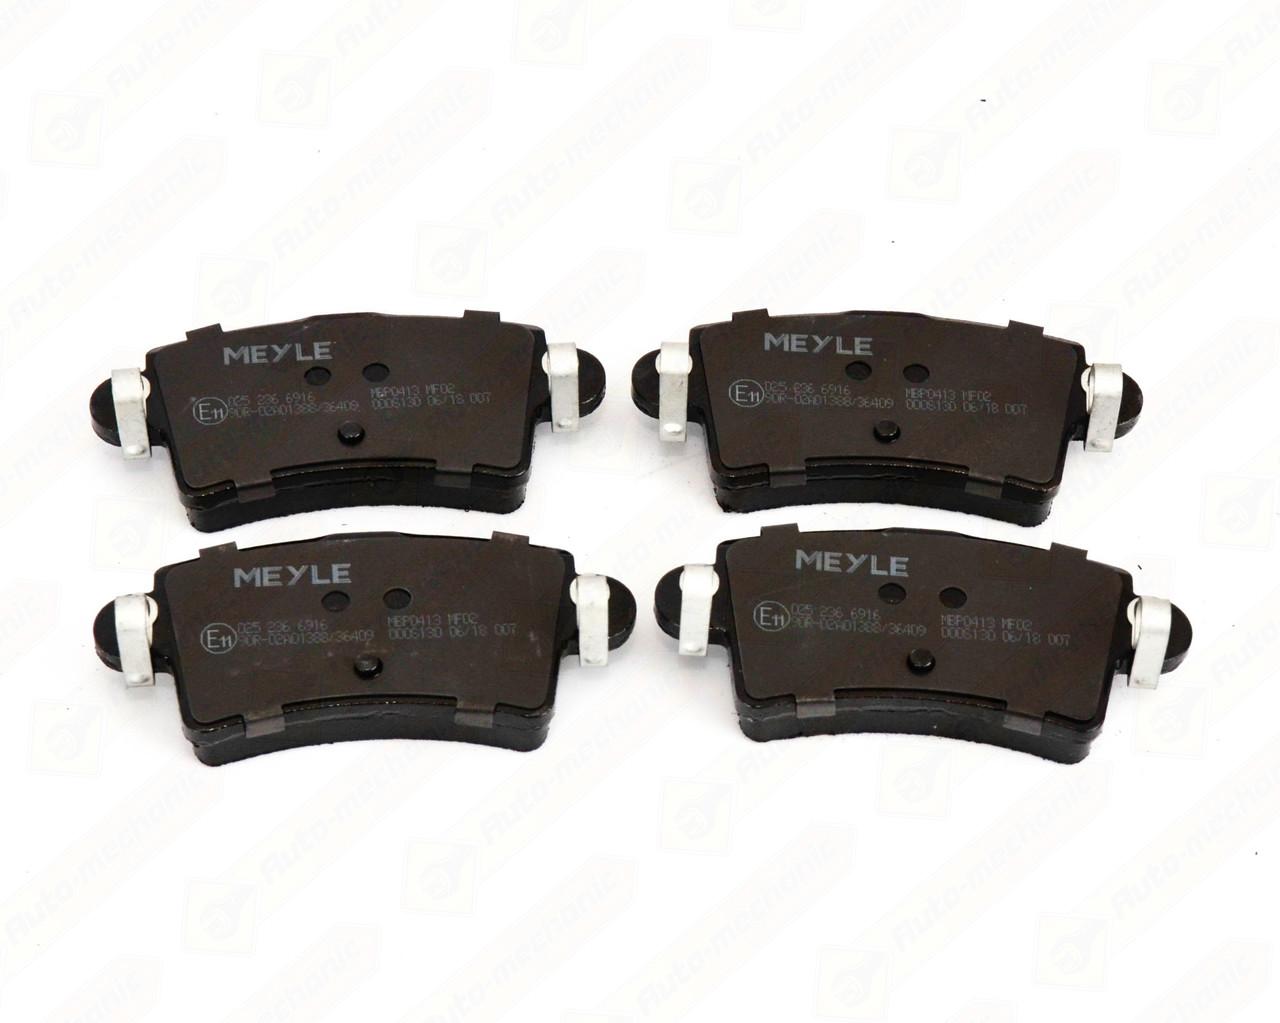 Тормозные колодки задние на Renault Master II 1998->2010 — Meyle (Германия) - 0252366916